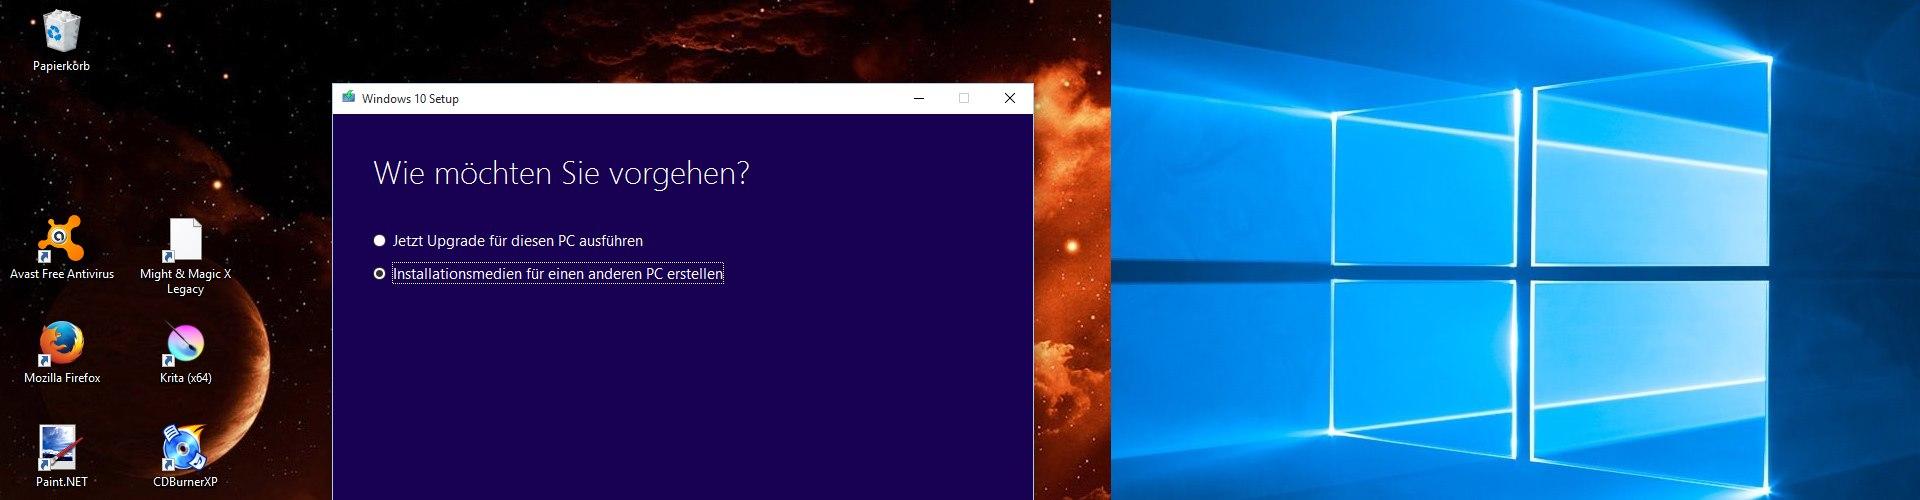 bereinigung windows 10 kostenlos